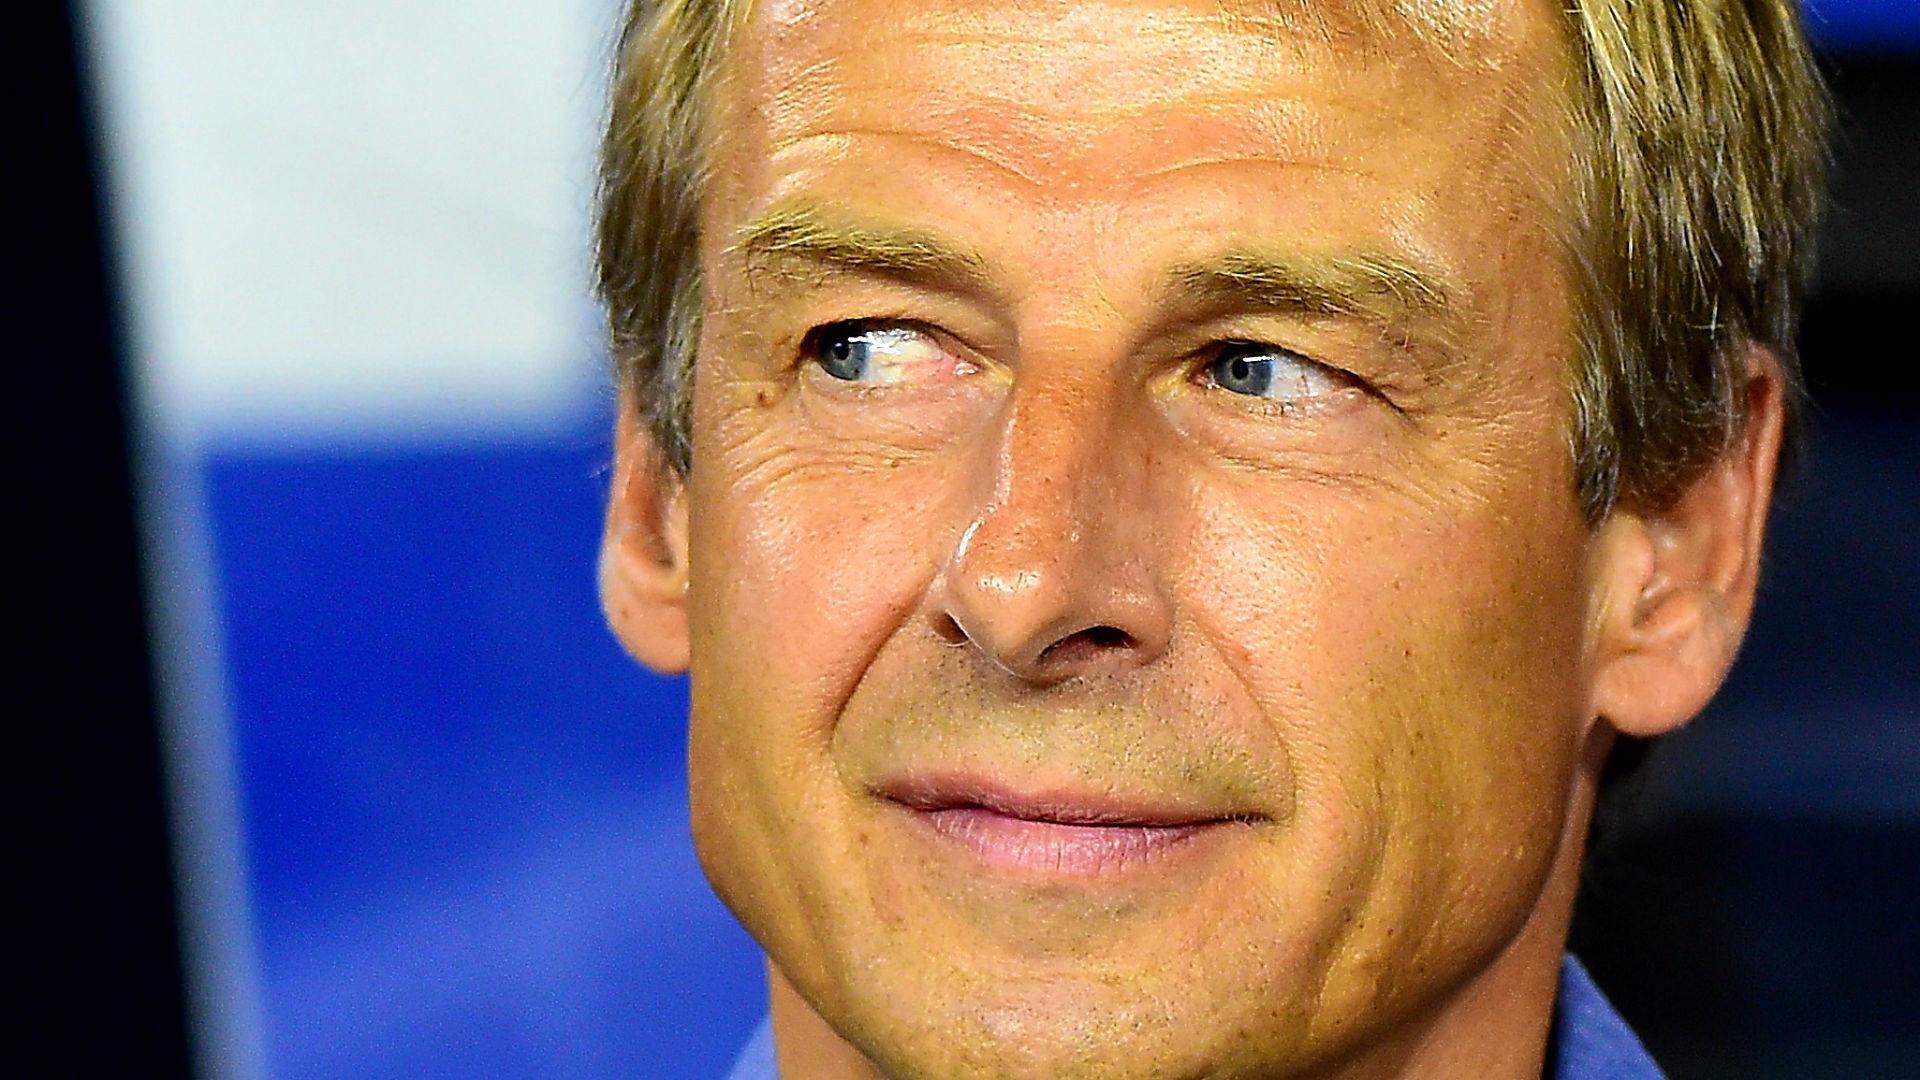 Matt Miazga Wallpaper: Jurgen Klinsmann Remains An Embarrassment As U.S. Soccer Ambassador